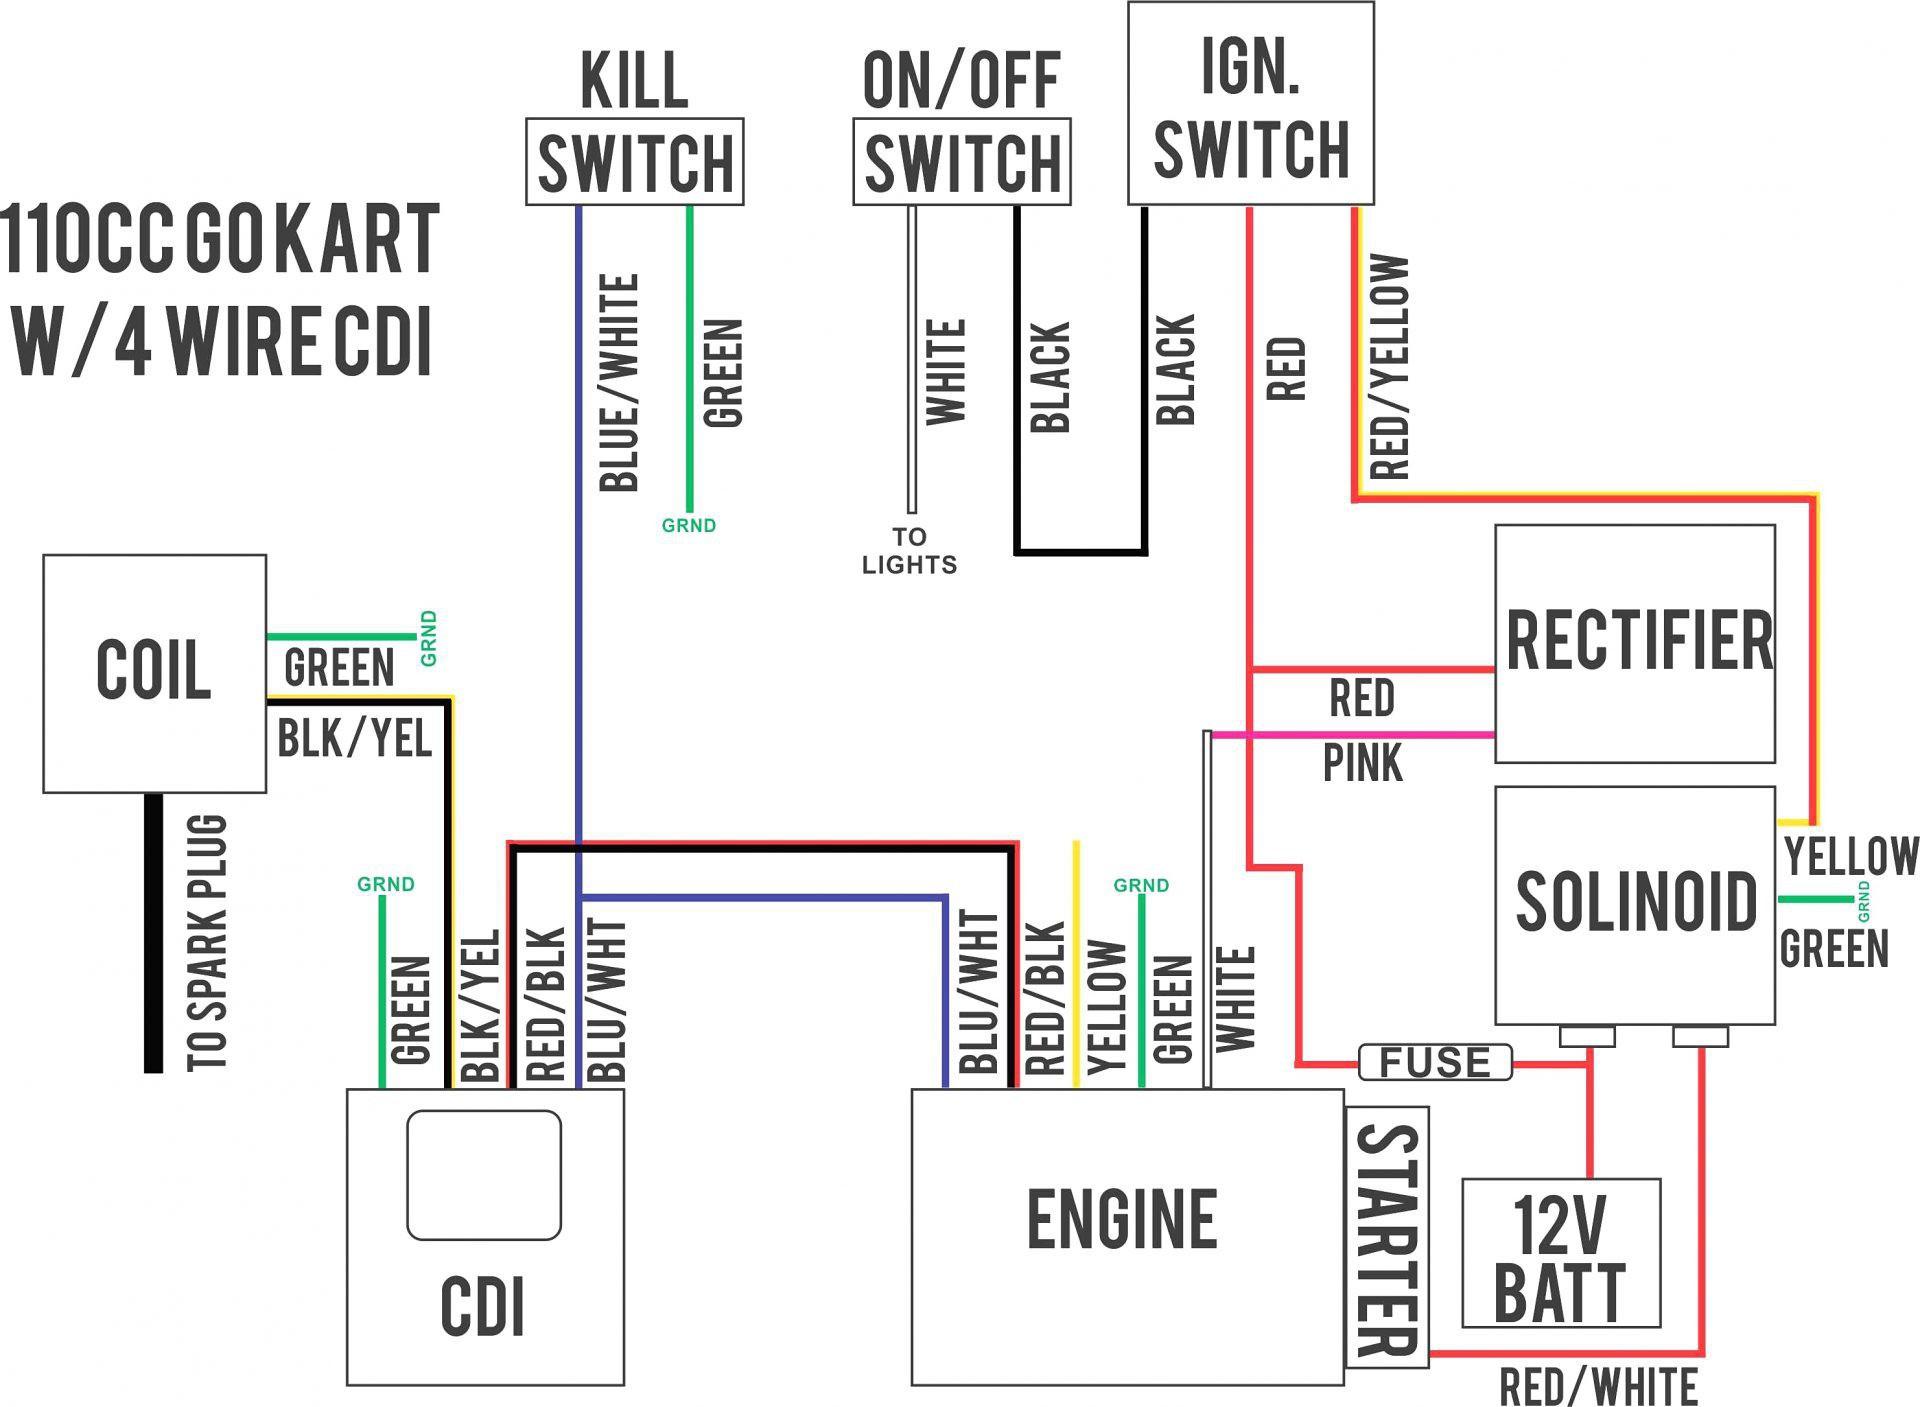 Pioneer Avh 291Bt Wiring Diagram Best Pioneer Avh 280Bt Wiring - Pioneer Avh 280Bt Wiring Diagram